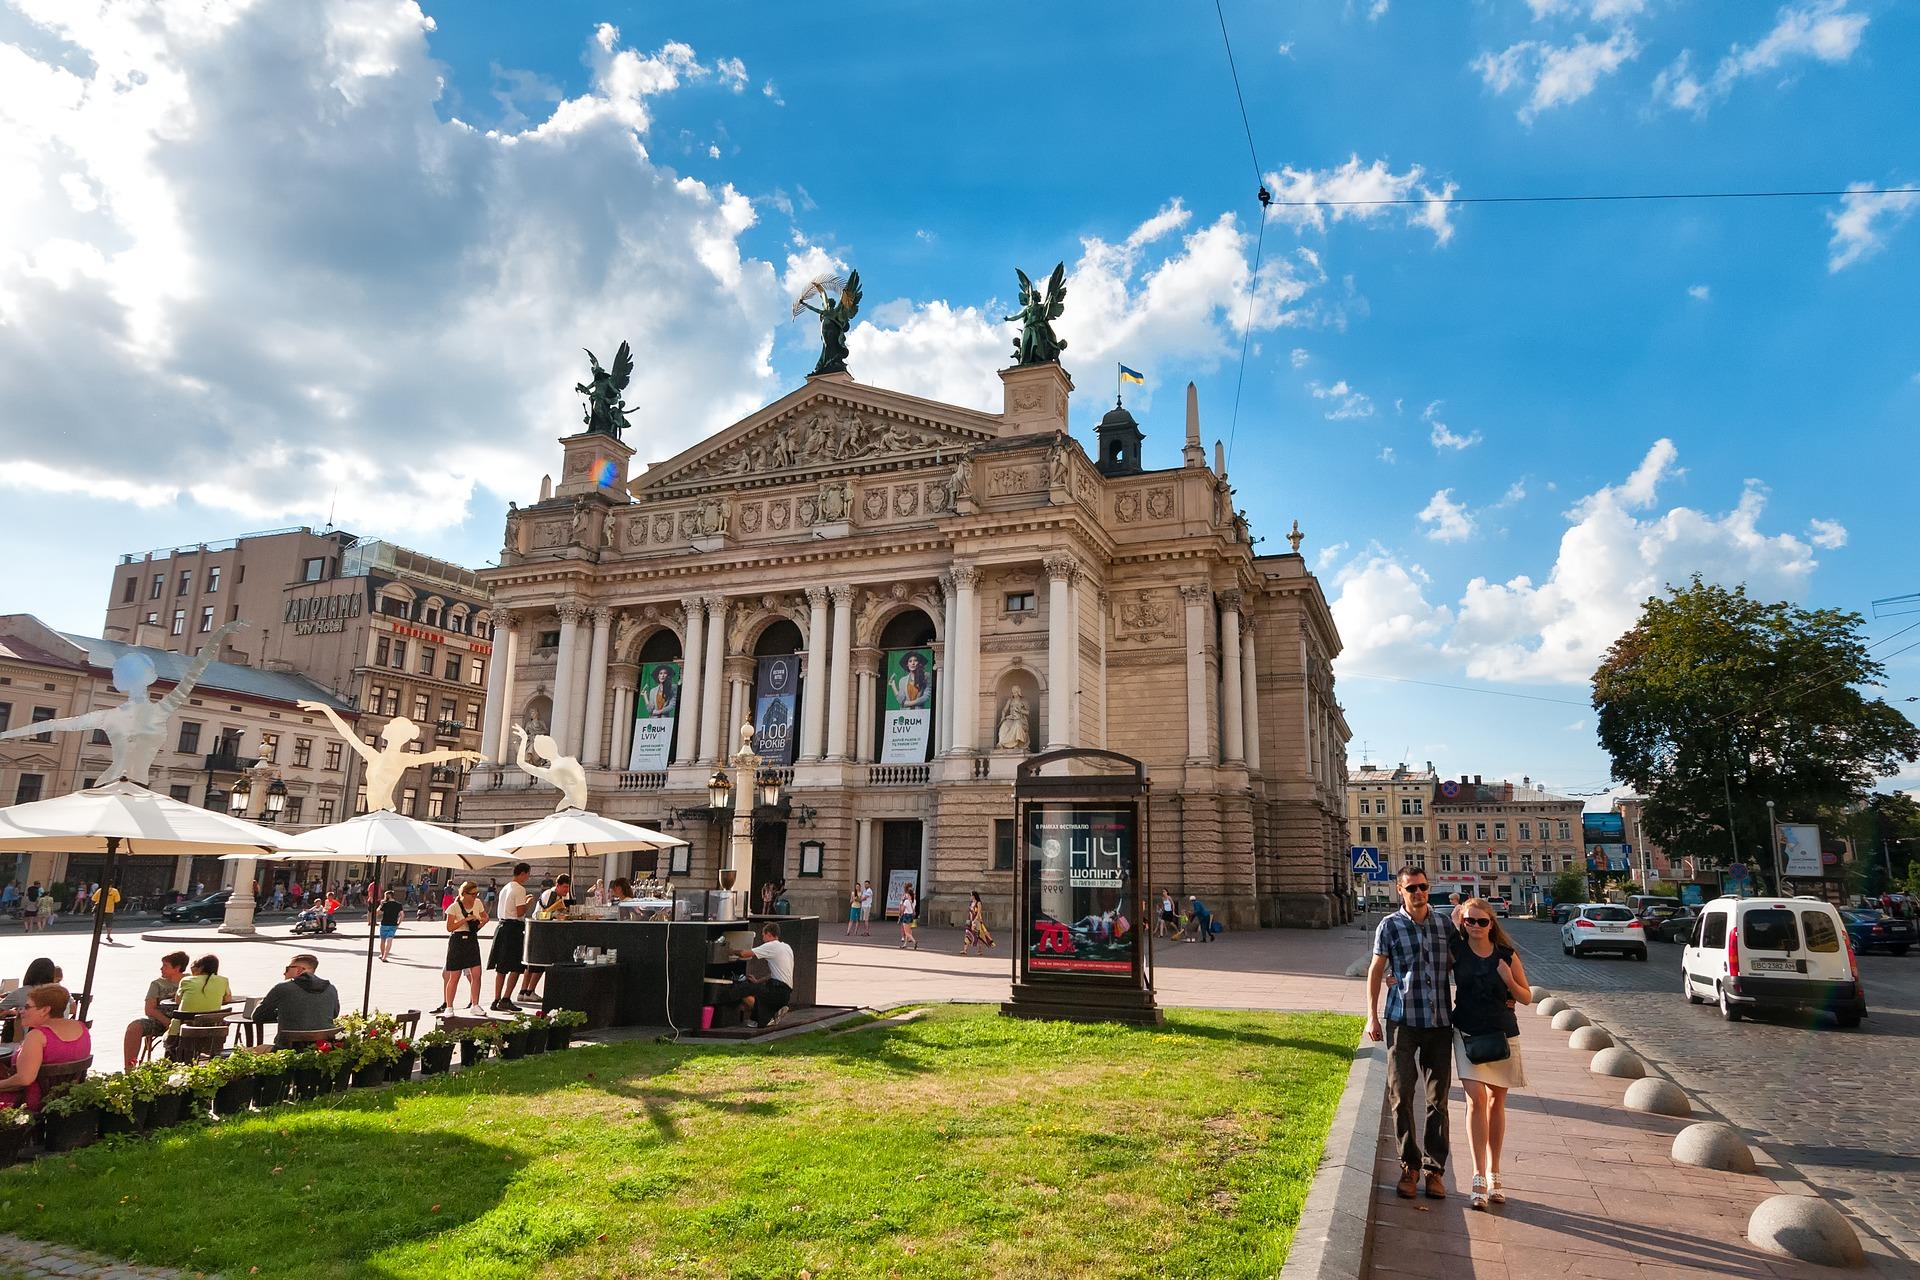 Zamknięcie się polskich firm na pracowników z zagranicy w wielu branżach doprowadziłoby nawet do katastrofy. (Fot. Lwów/pixabay.com)